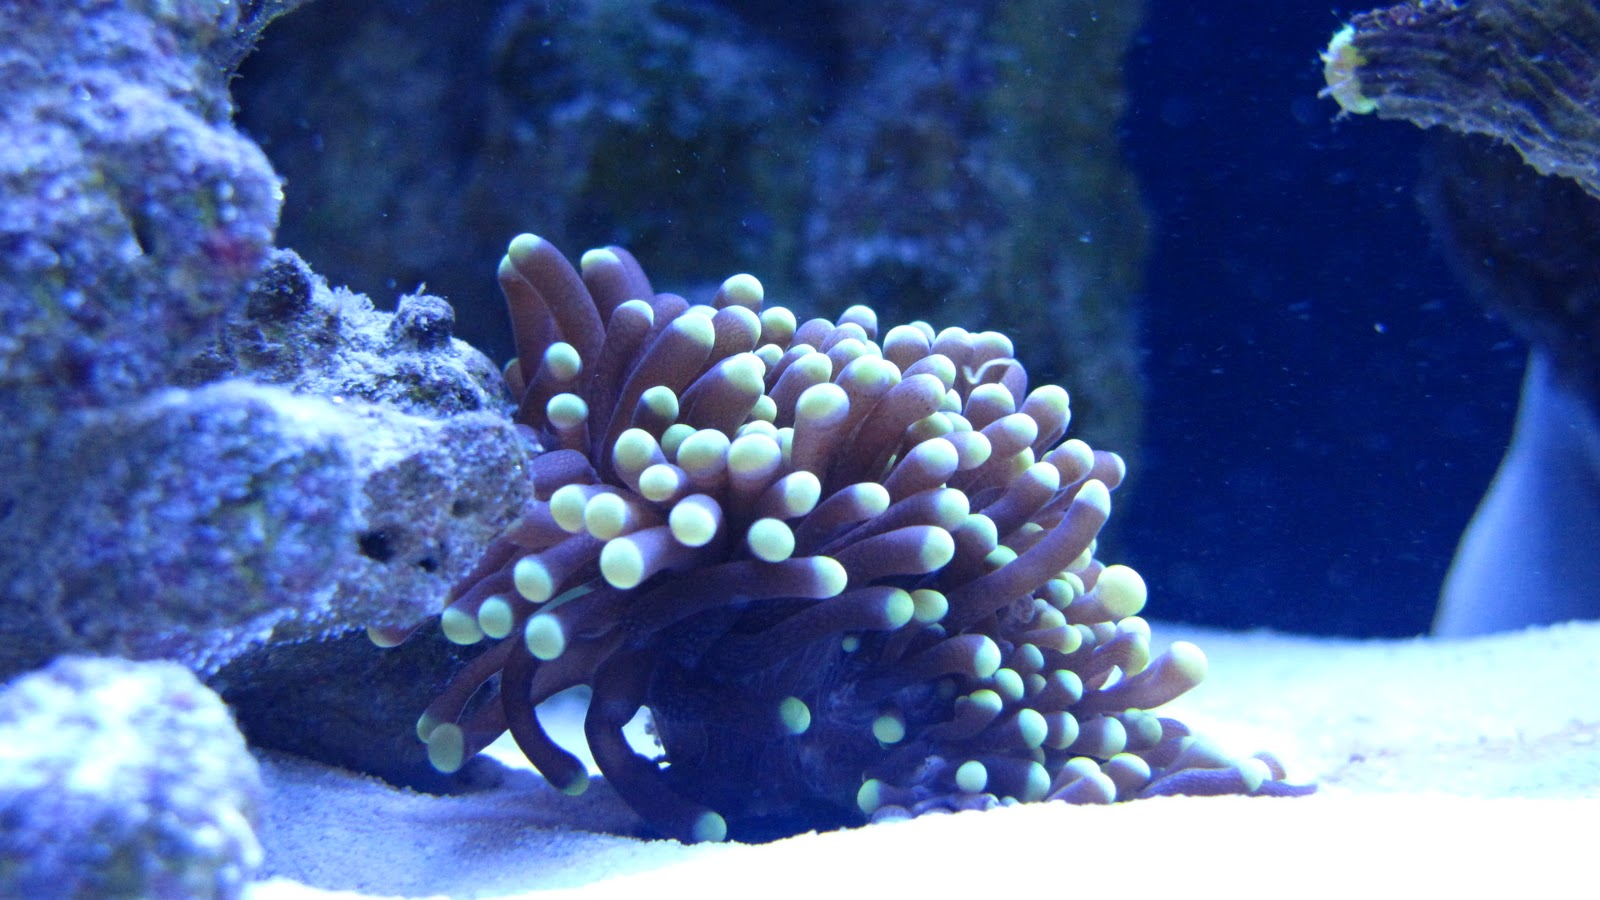 acquario marino fai da te: fai da te acquario di barriera ... - Mobili Per Acquario Marino